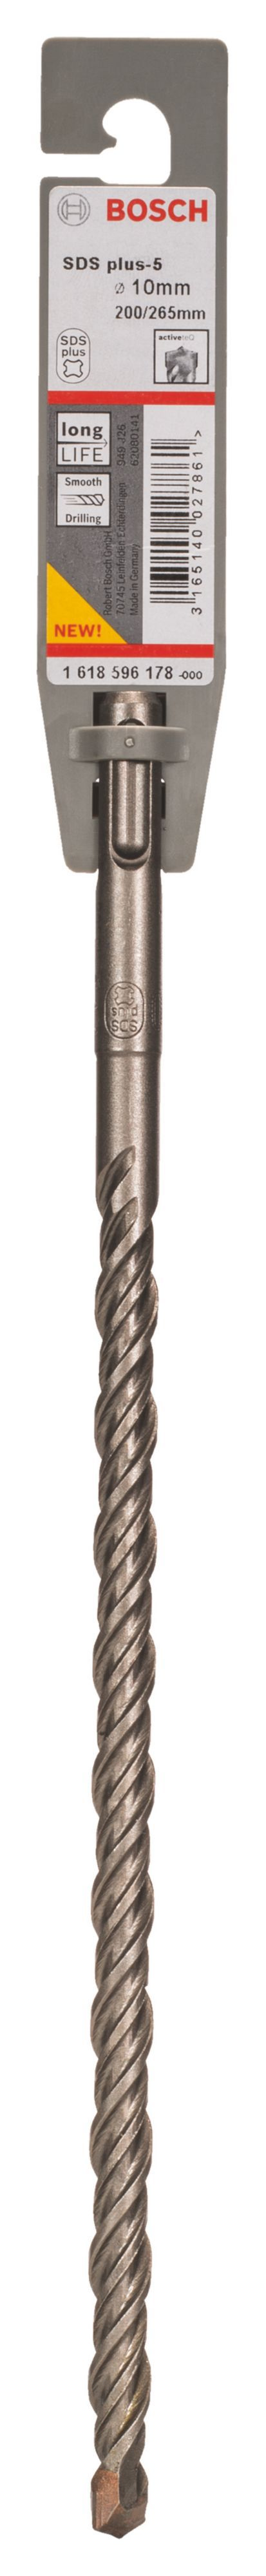 Bosch Sds Drill Bit (dia)10mm (l)200mm